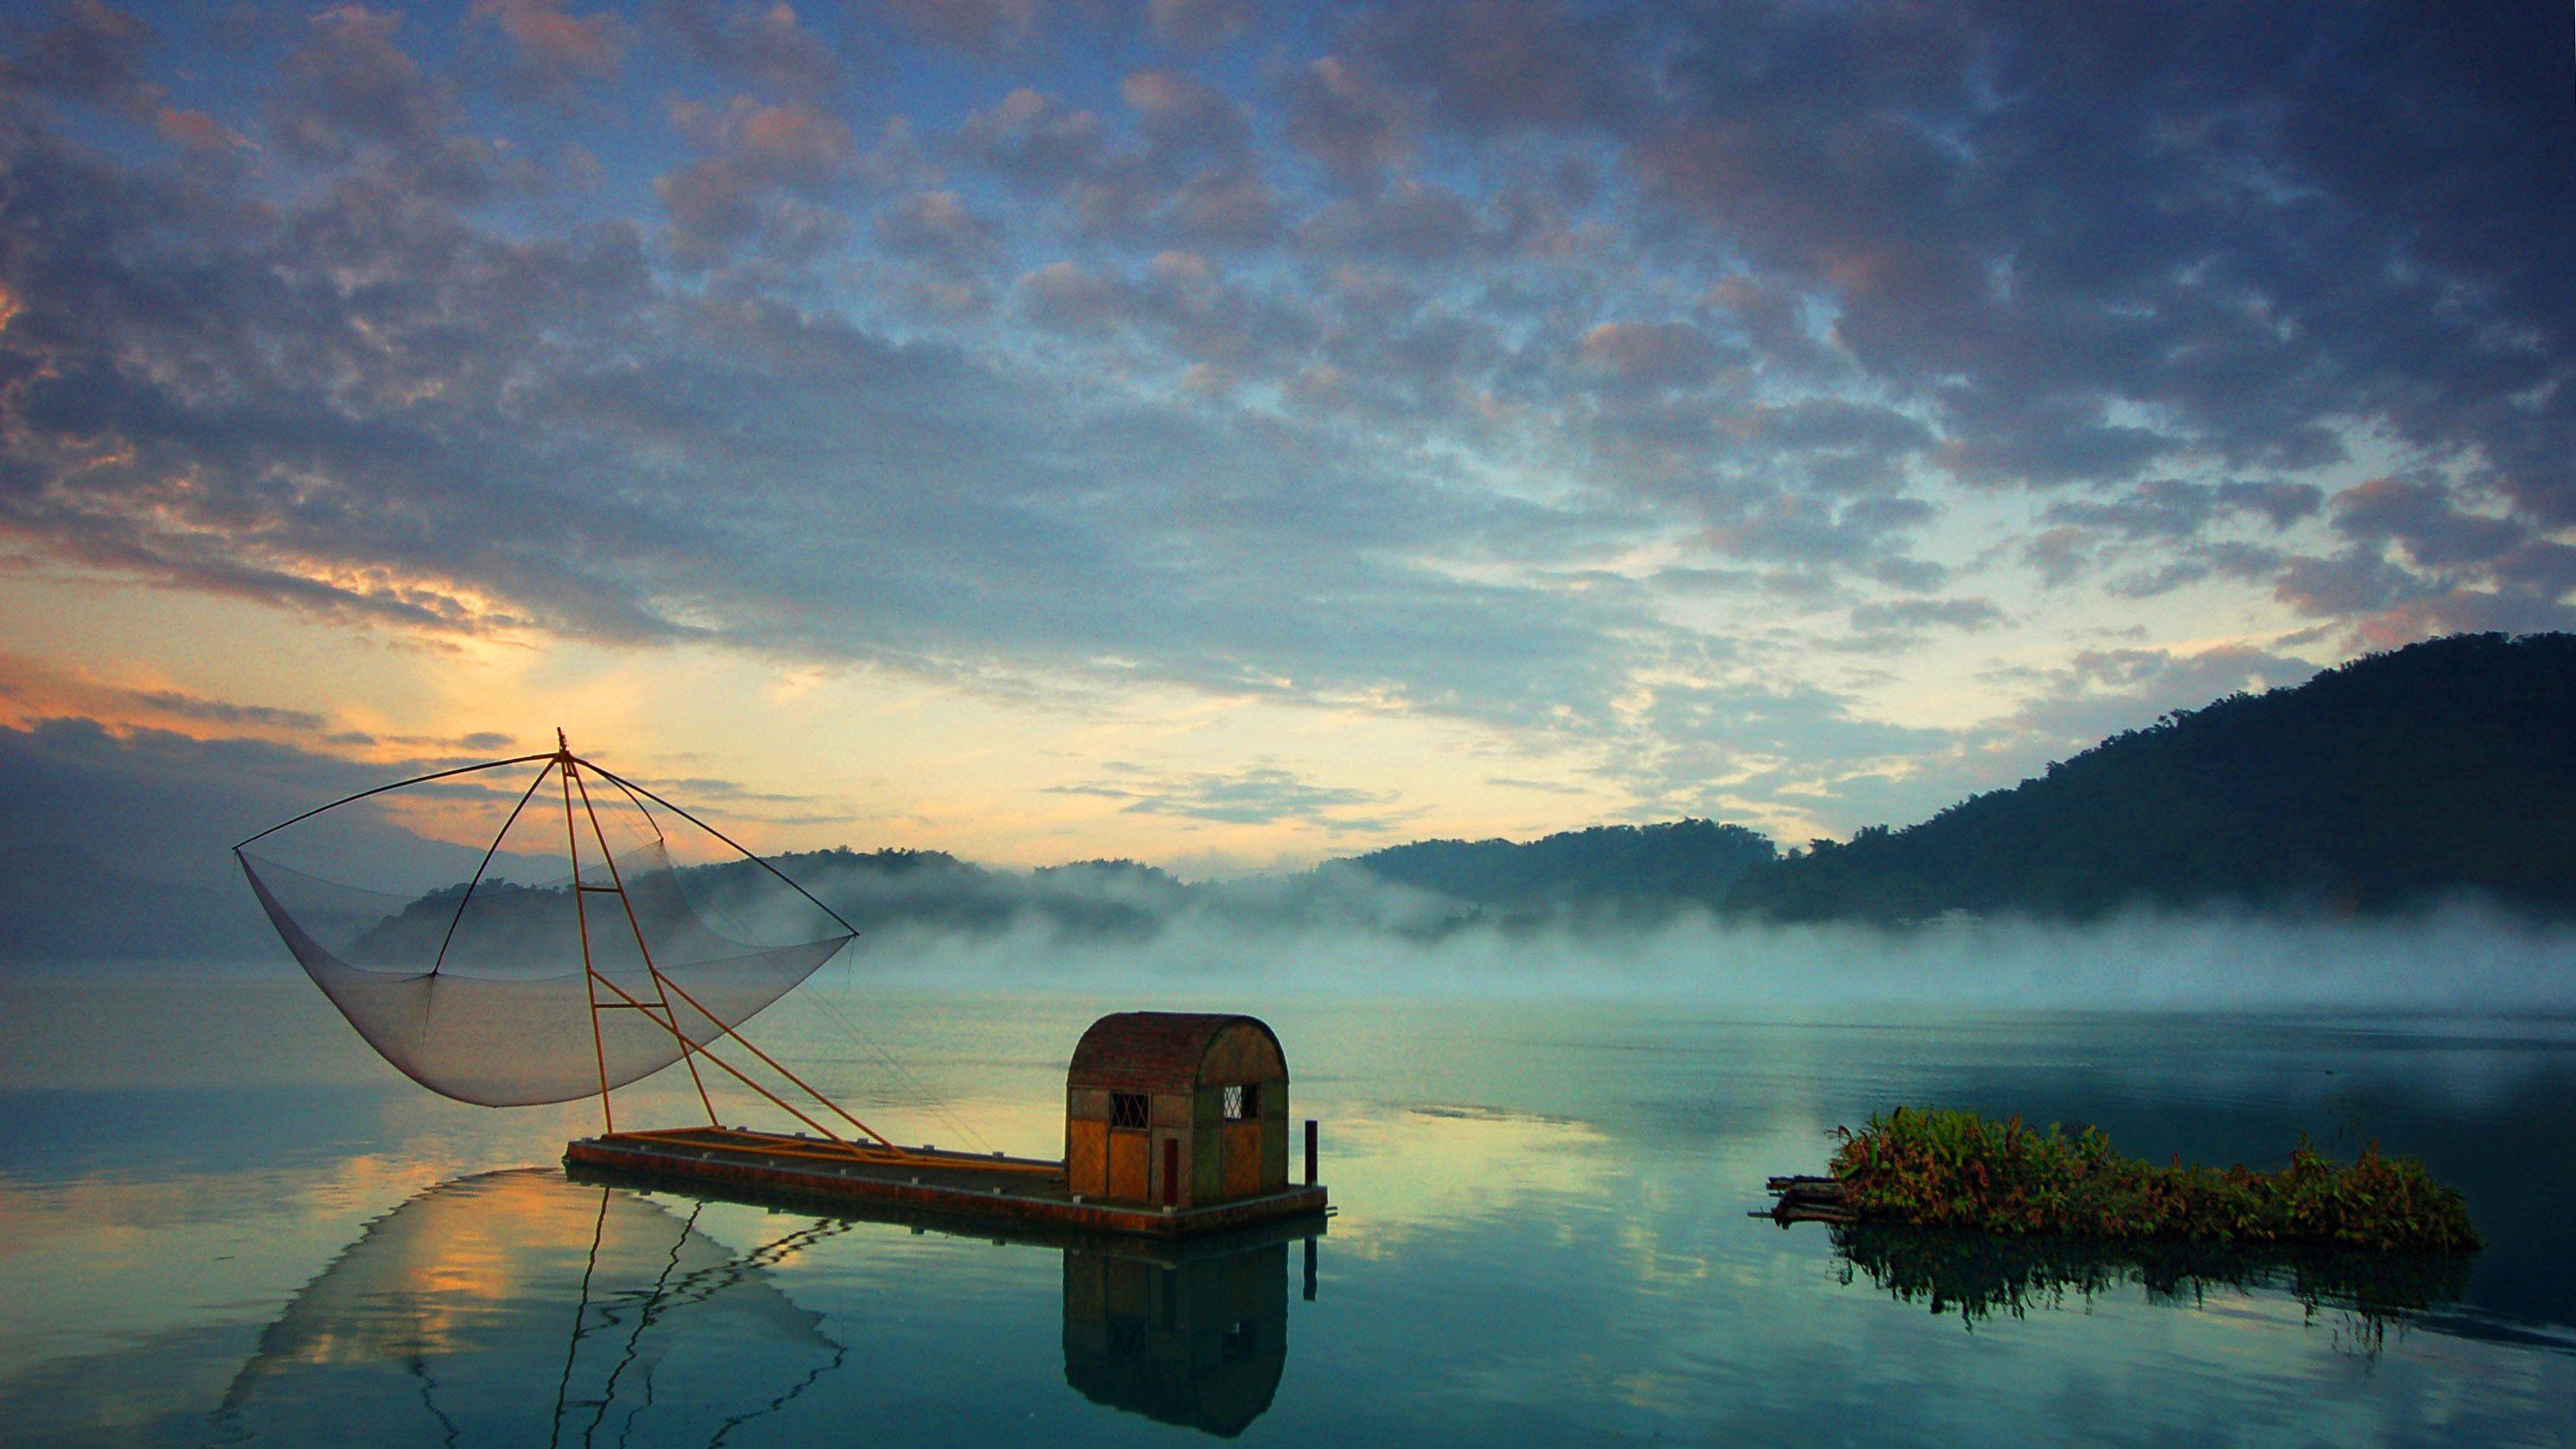 2-Day Excursion to Sun Moon Lake, Puli & Lukang